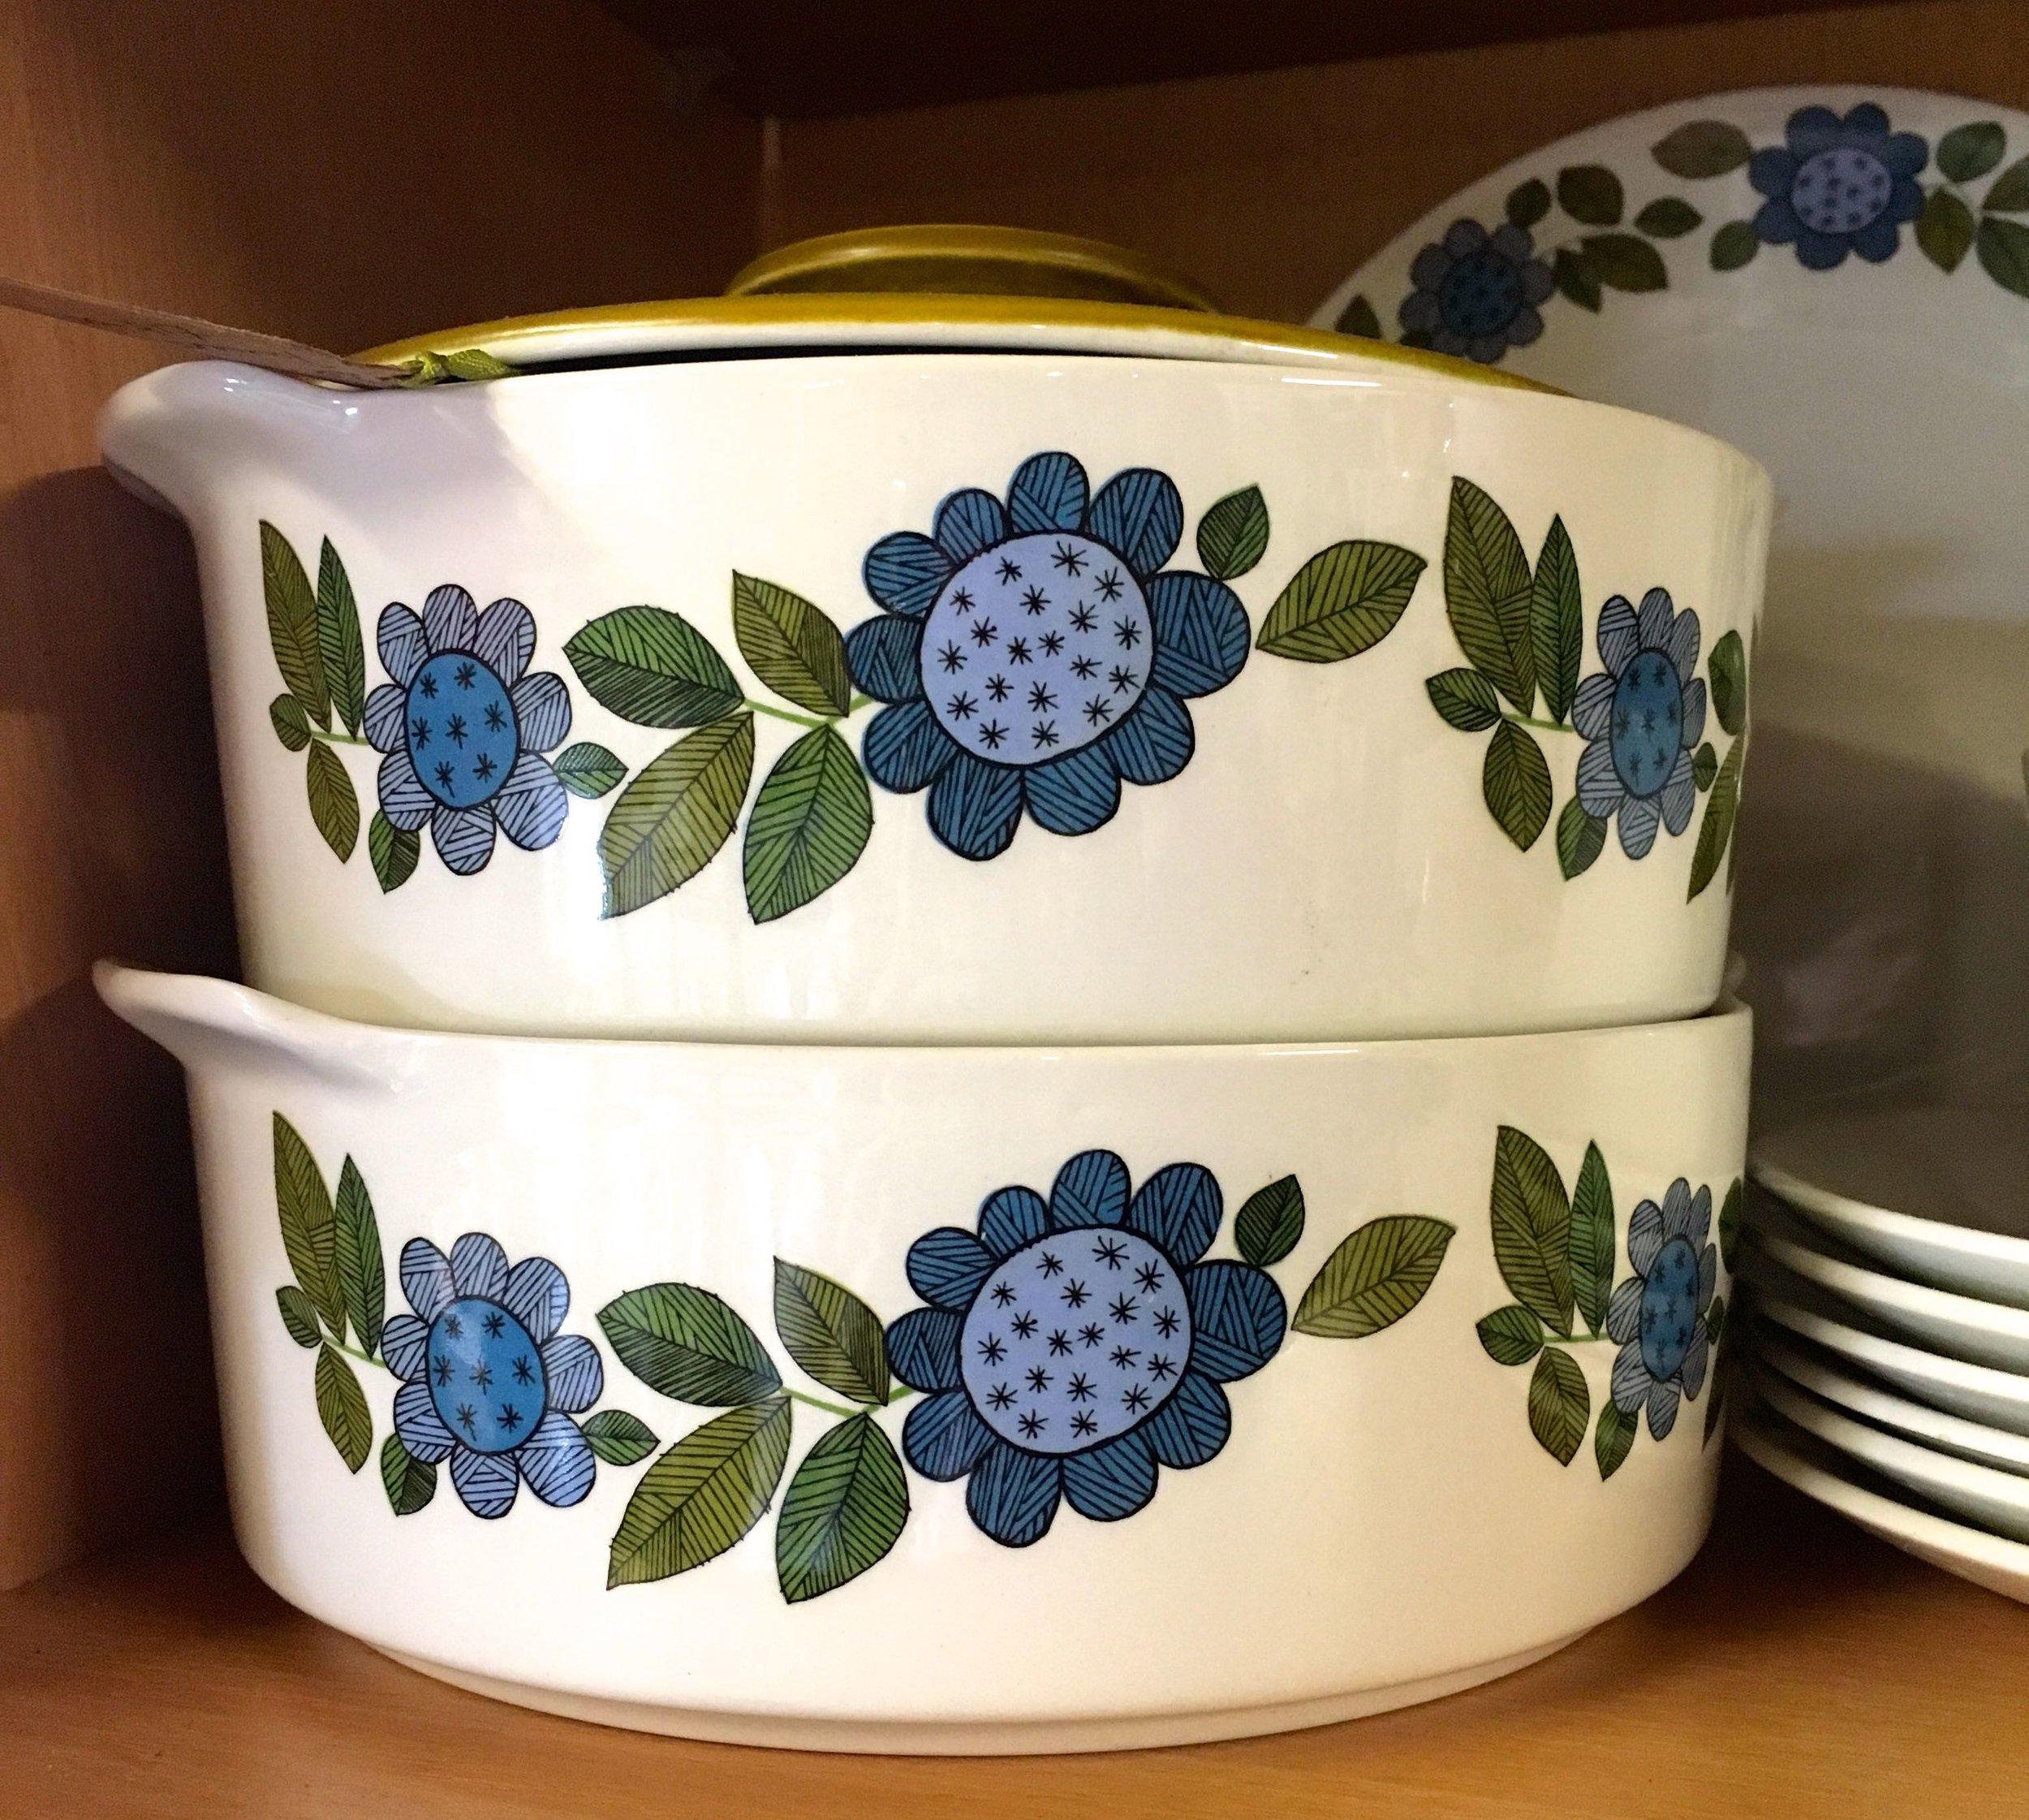 blue patterned serving bowls